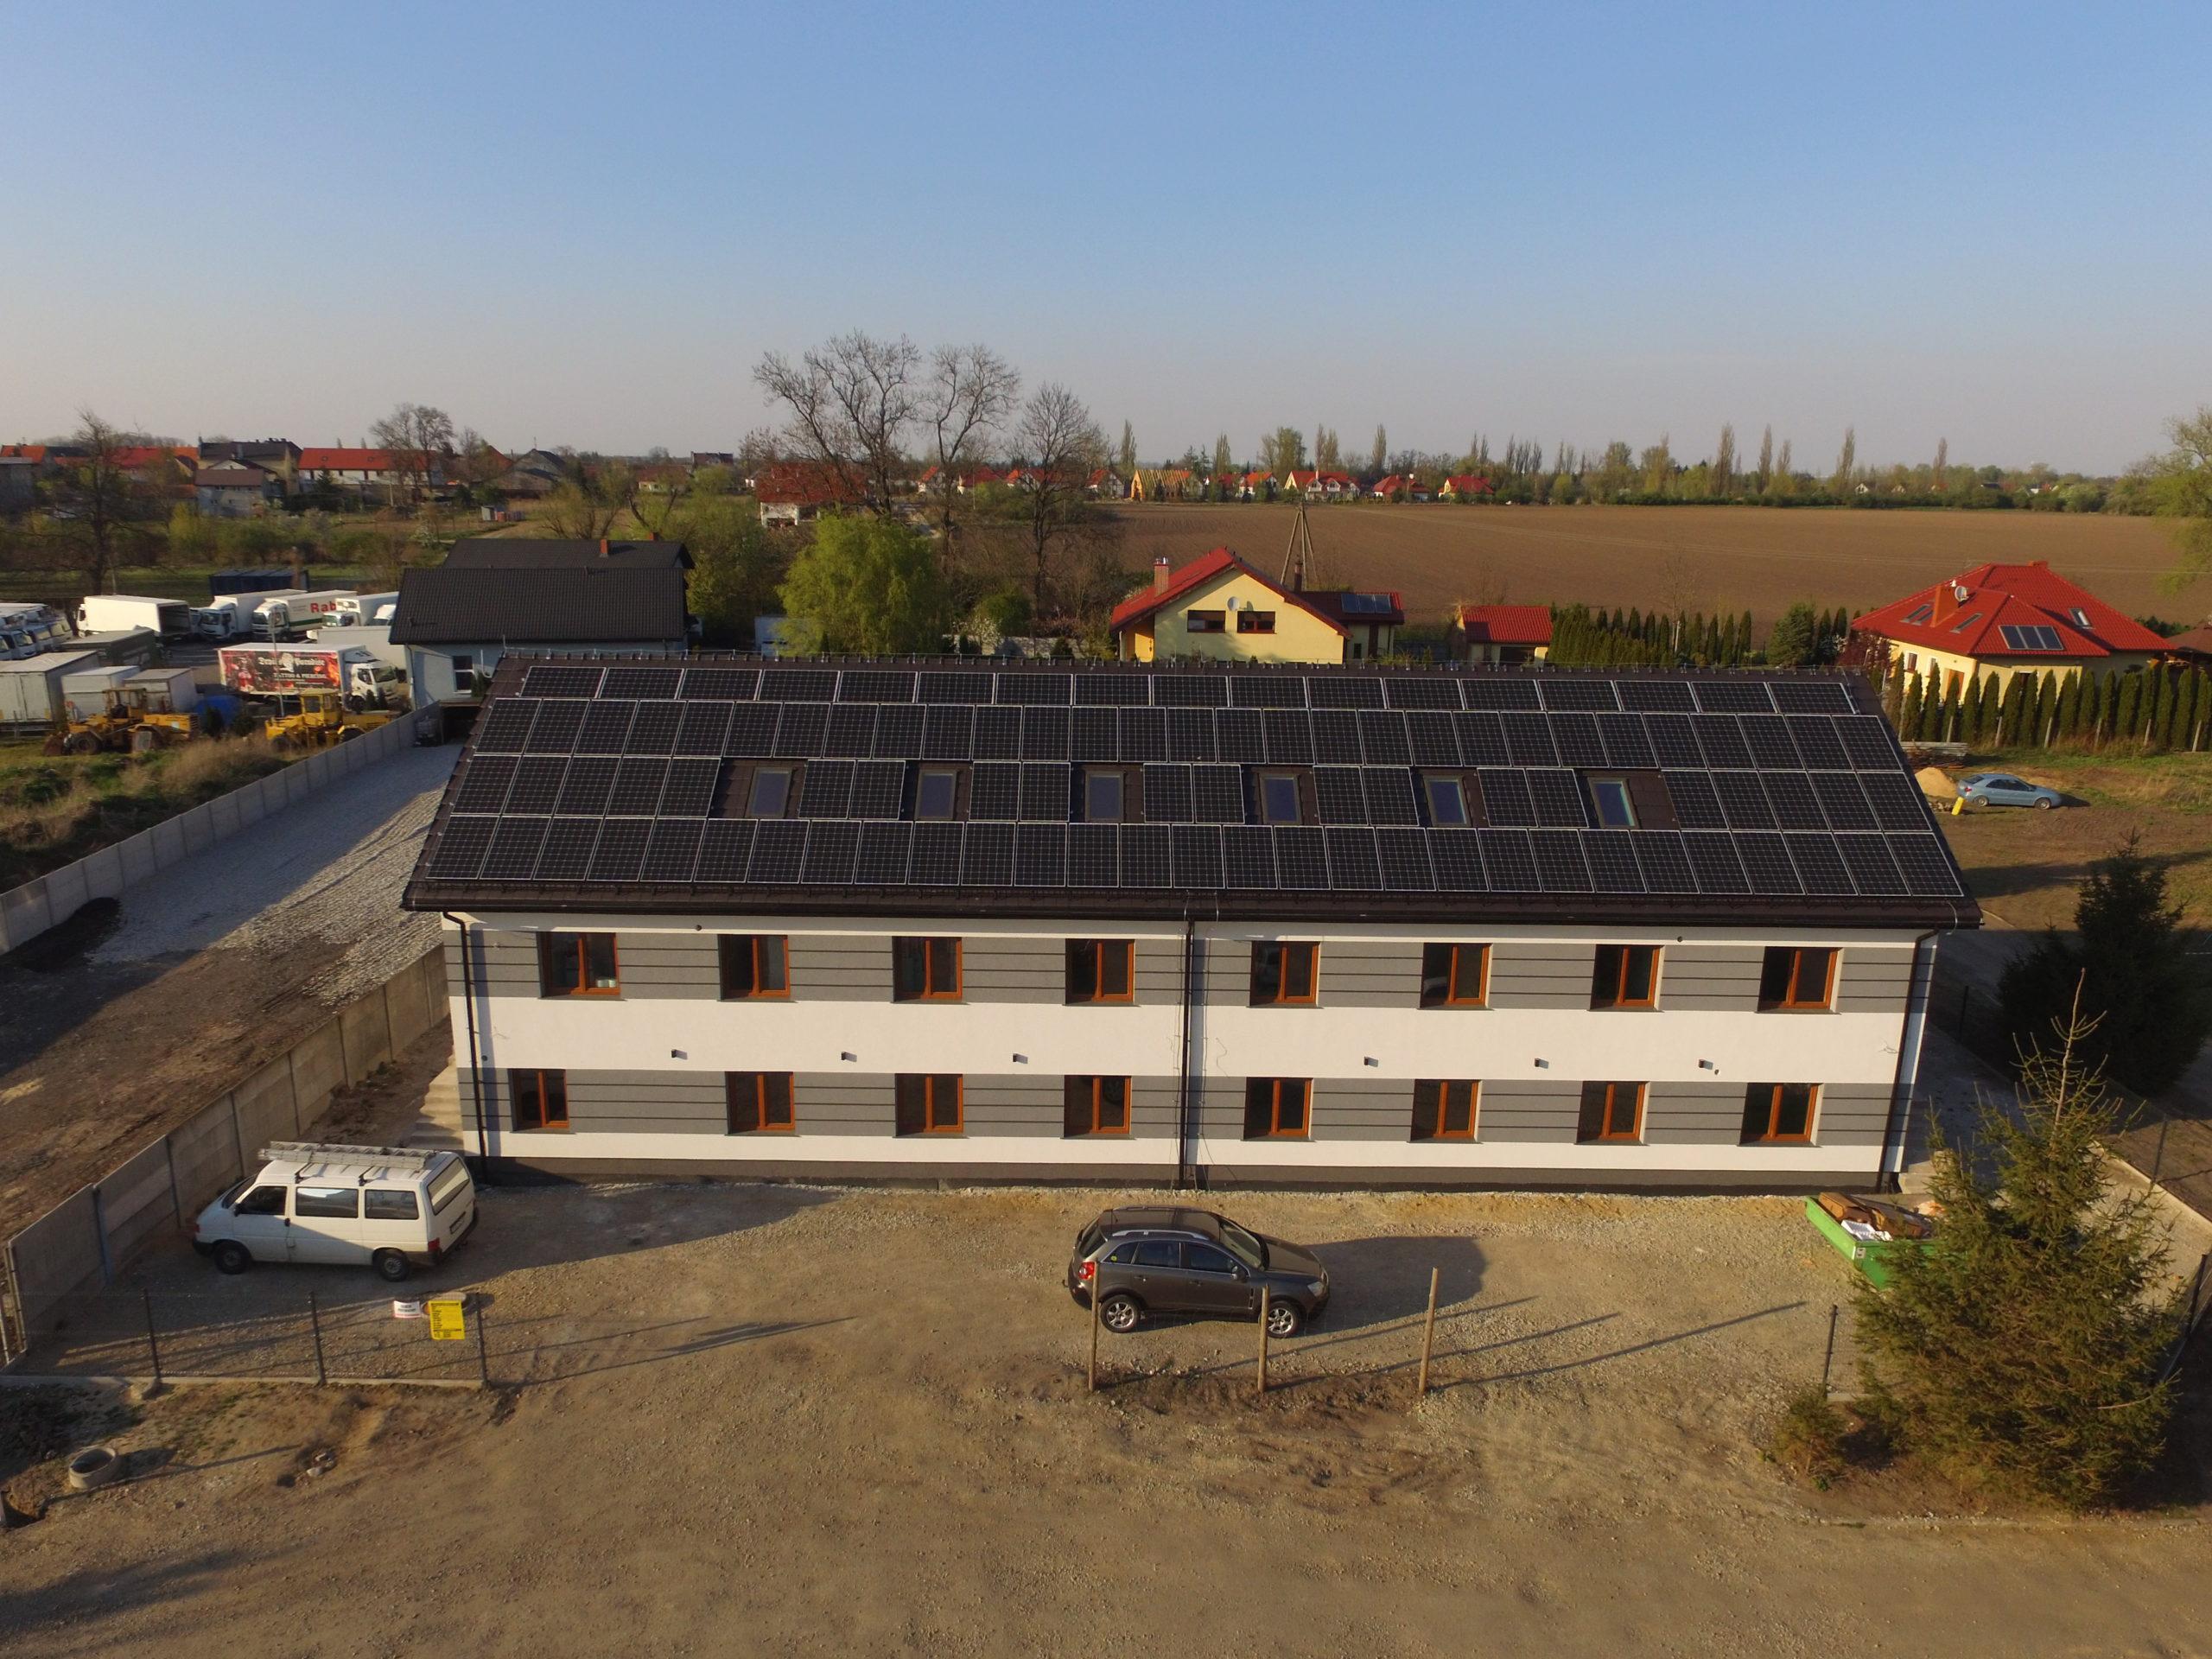 Instalacja fotowoltaiczna o mocy 30 kWp na hotelu, Pietrzykowice